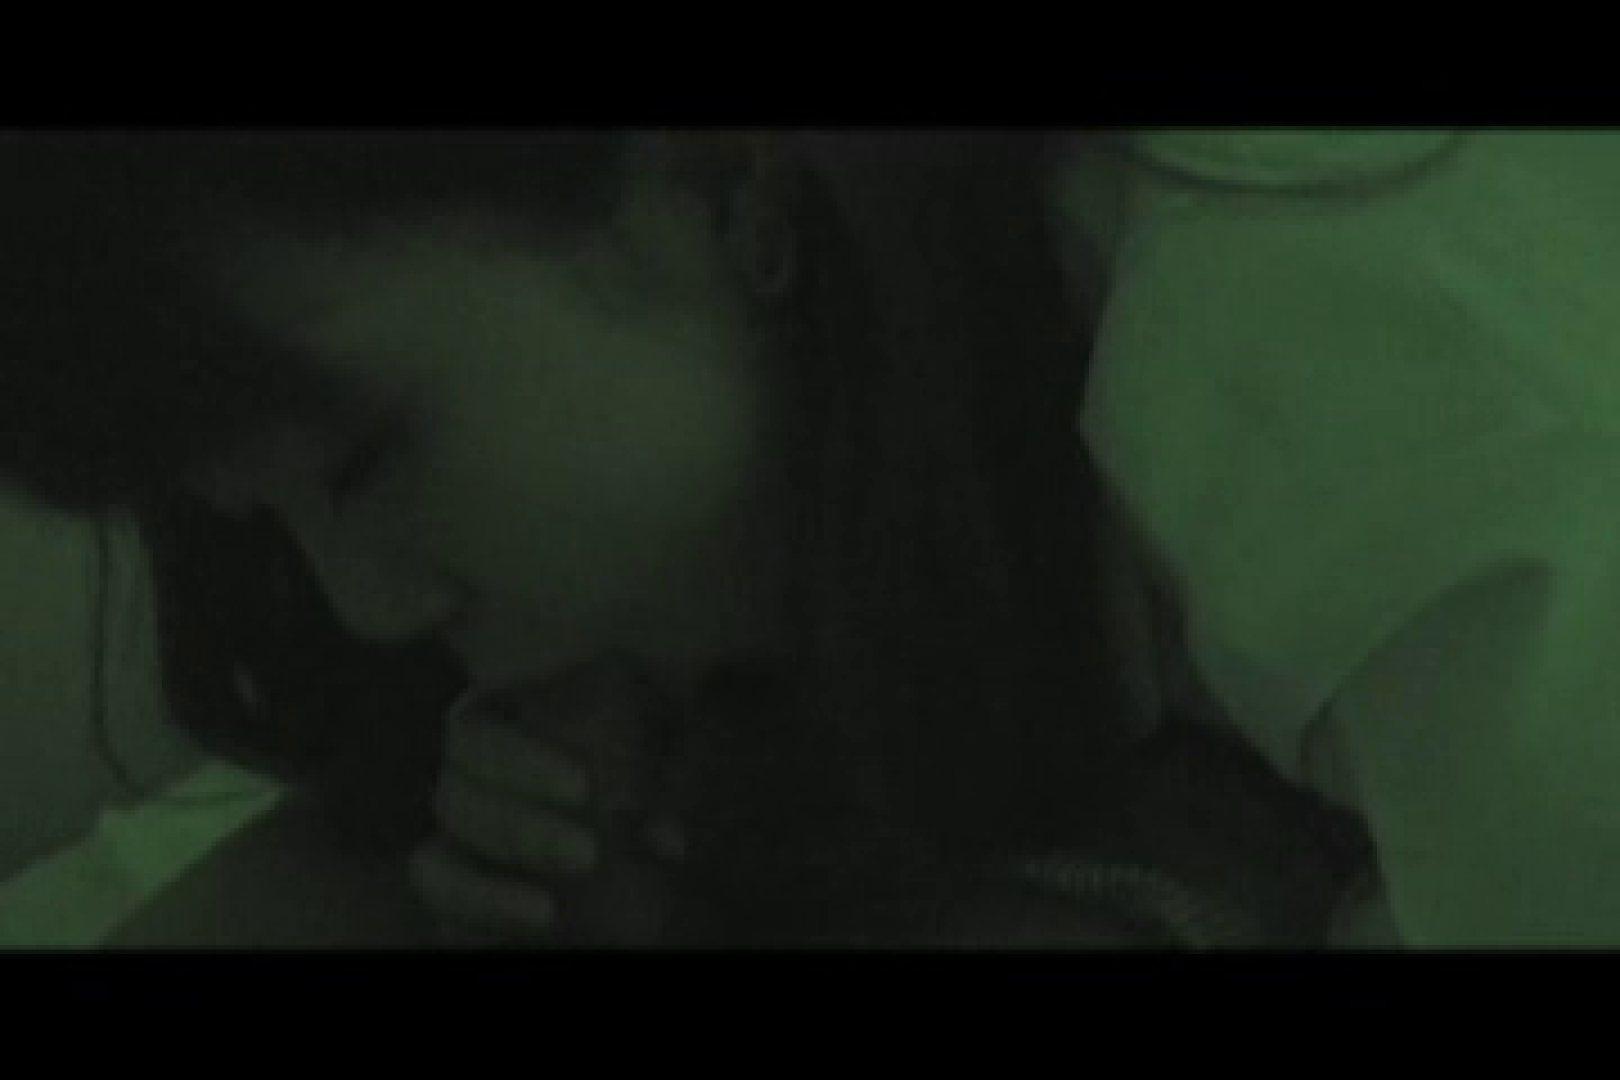 ヤリマンと呼ばれた看護士さんvol3 一般投稿 盗み撮り動画 73枚 29